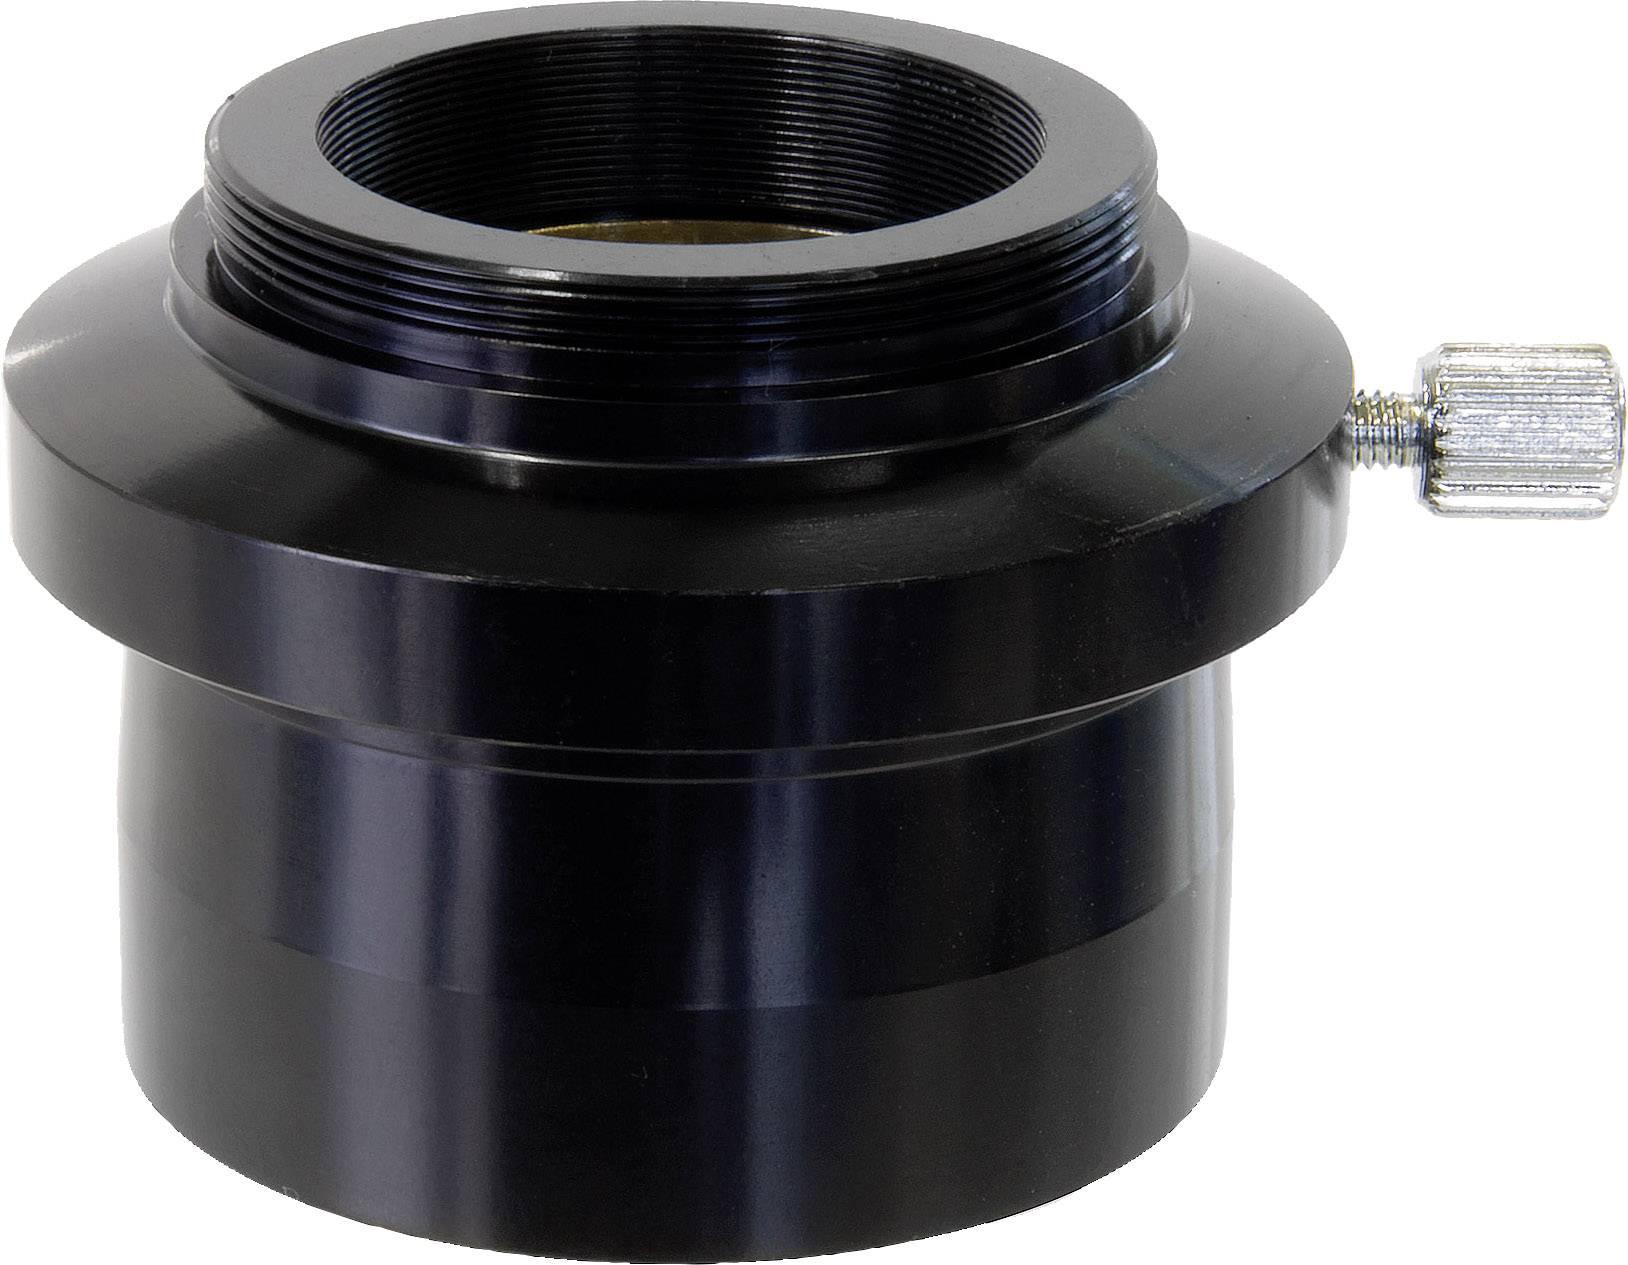 Kamera adapter bresser optik universal digitalkamera adapter